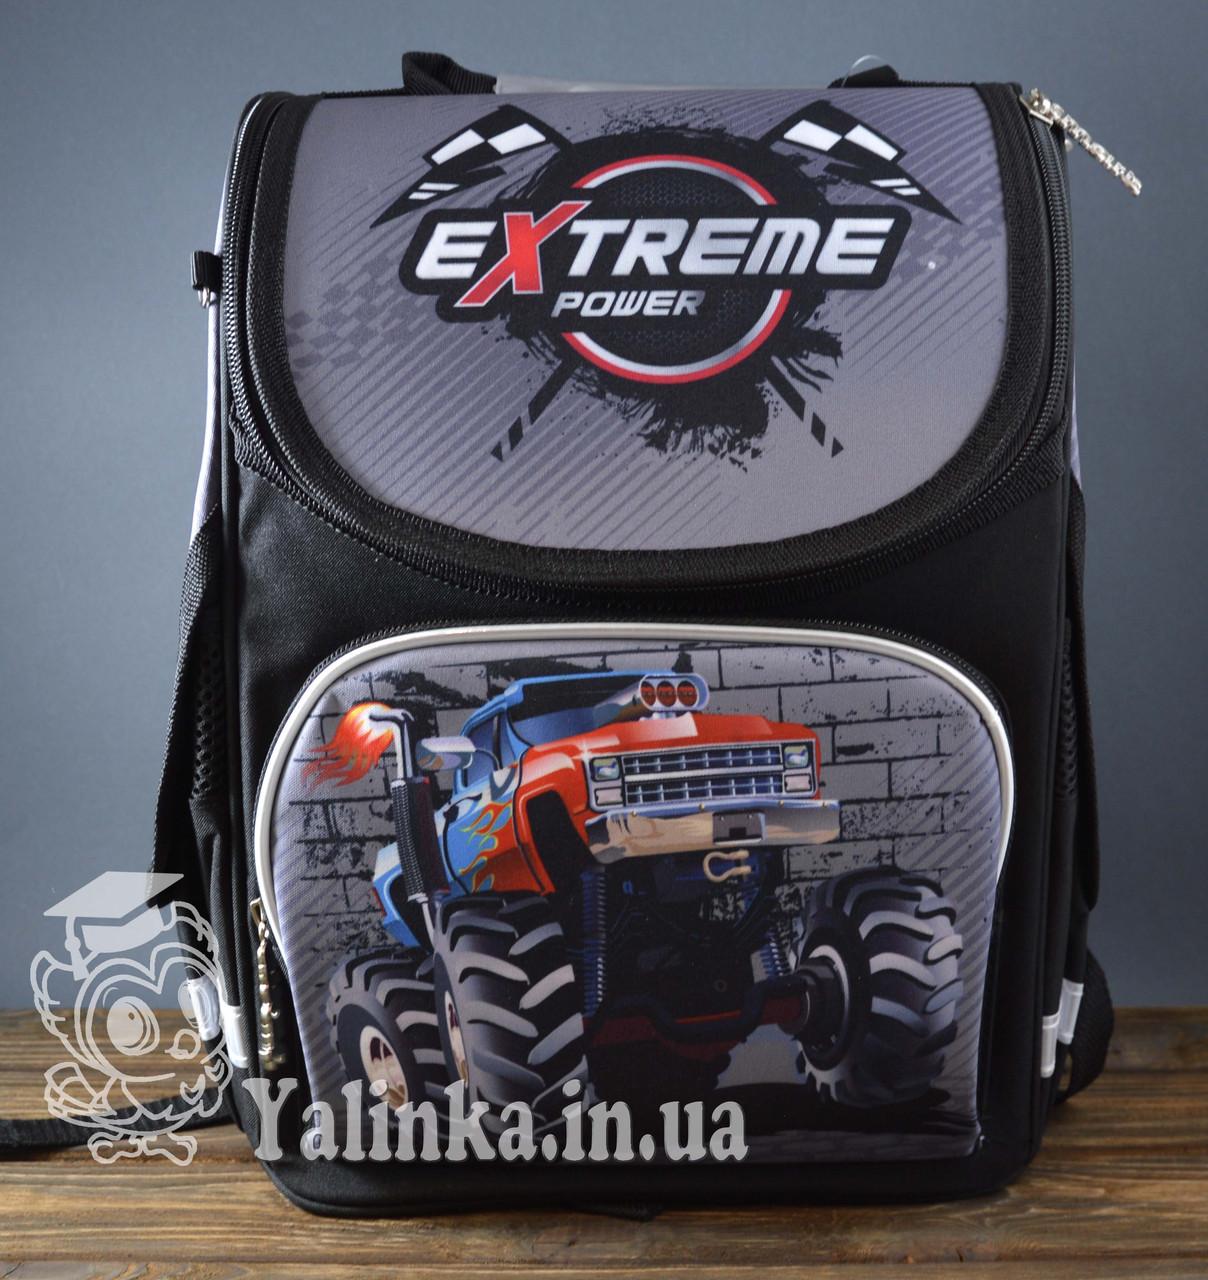 Рюкзак каркасный  PG-11 Extreme power 554543  Smart